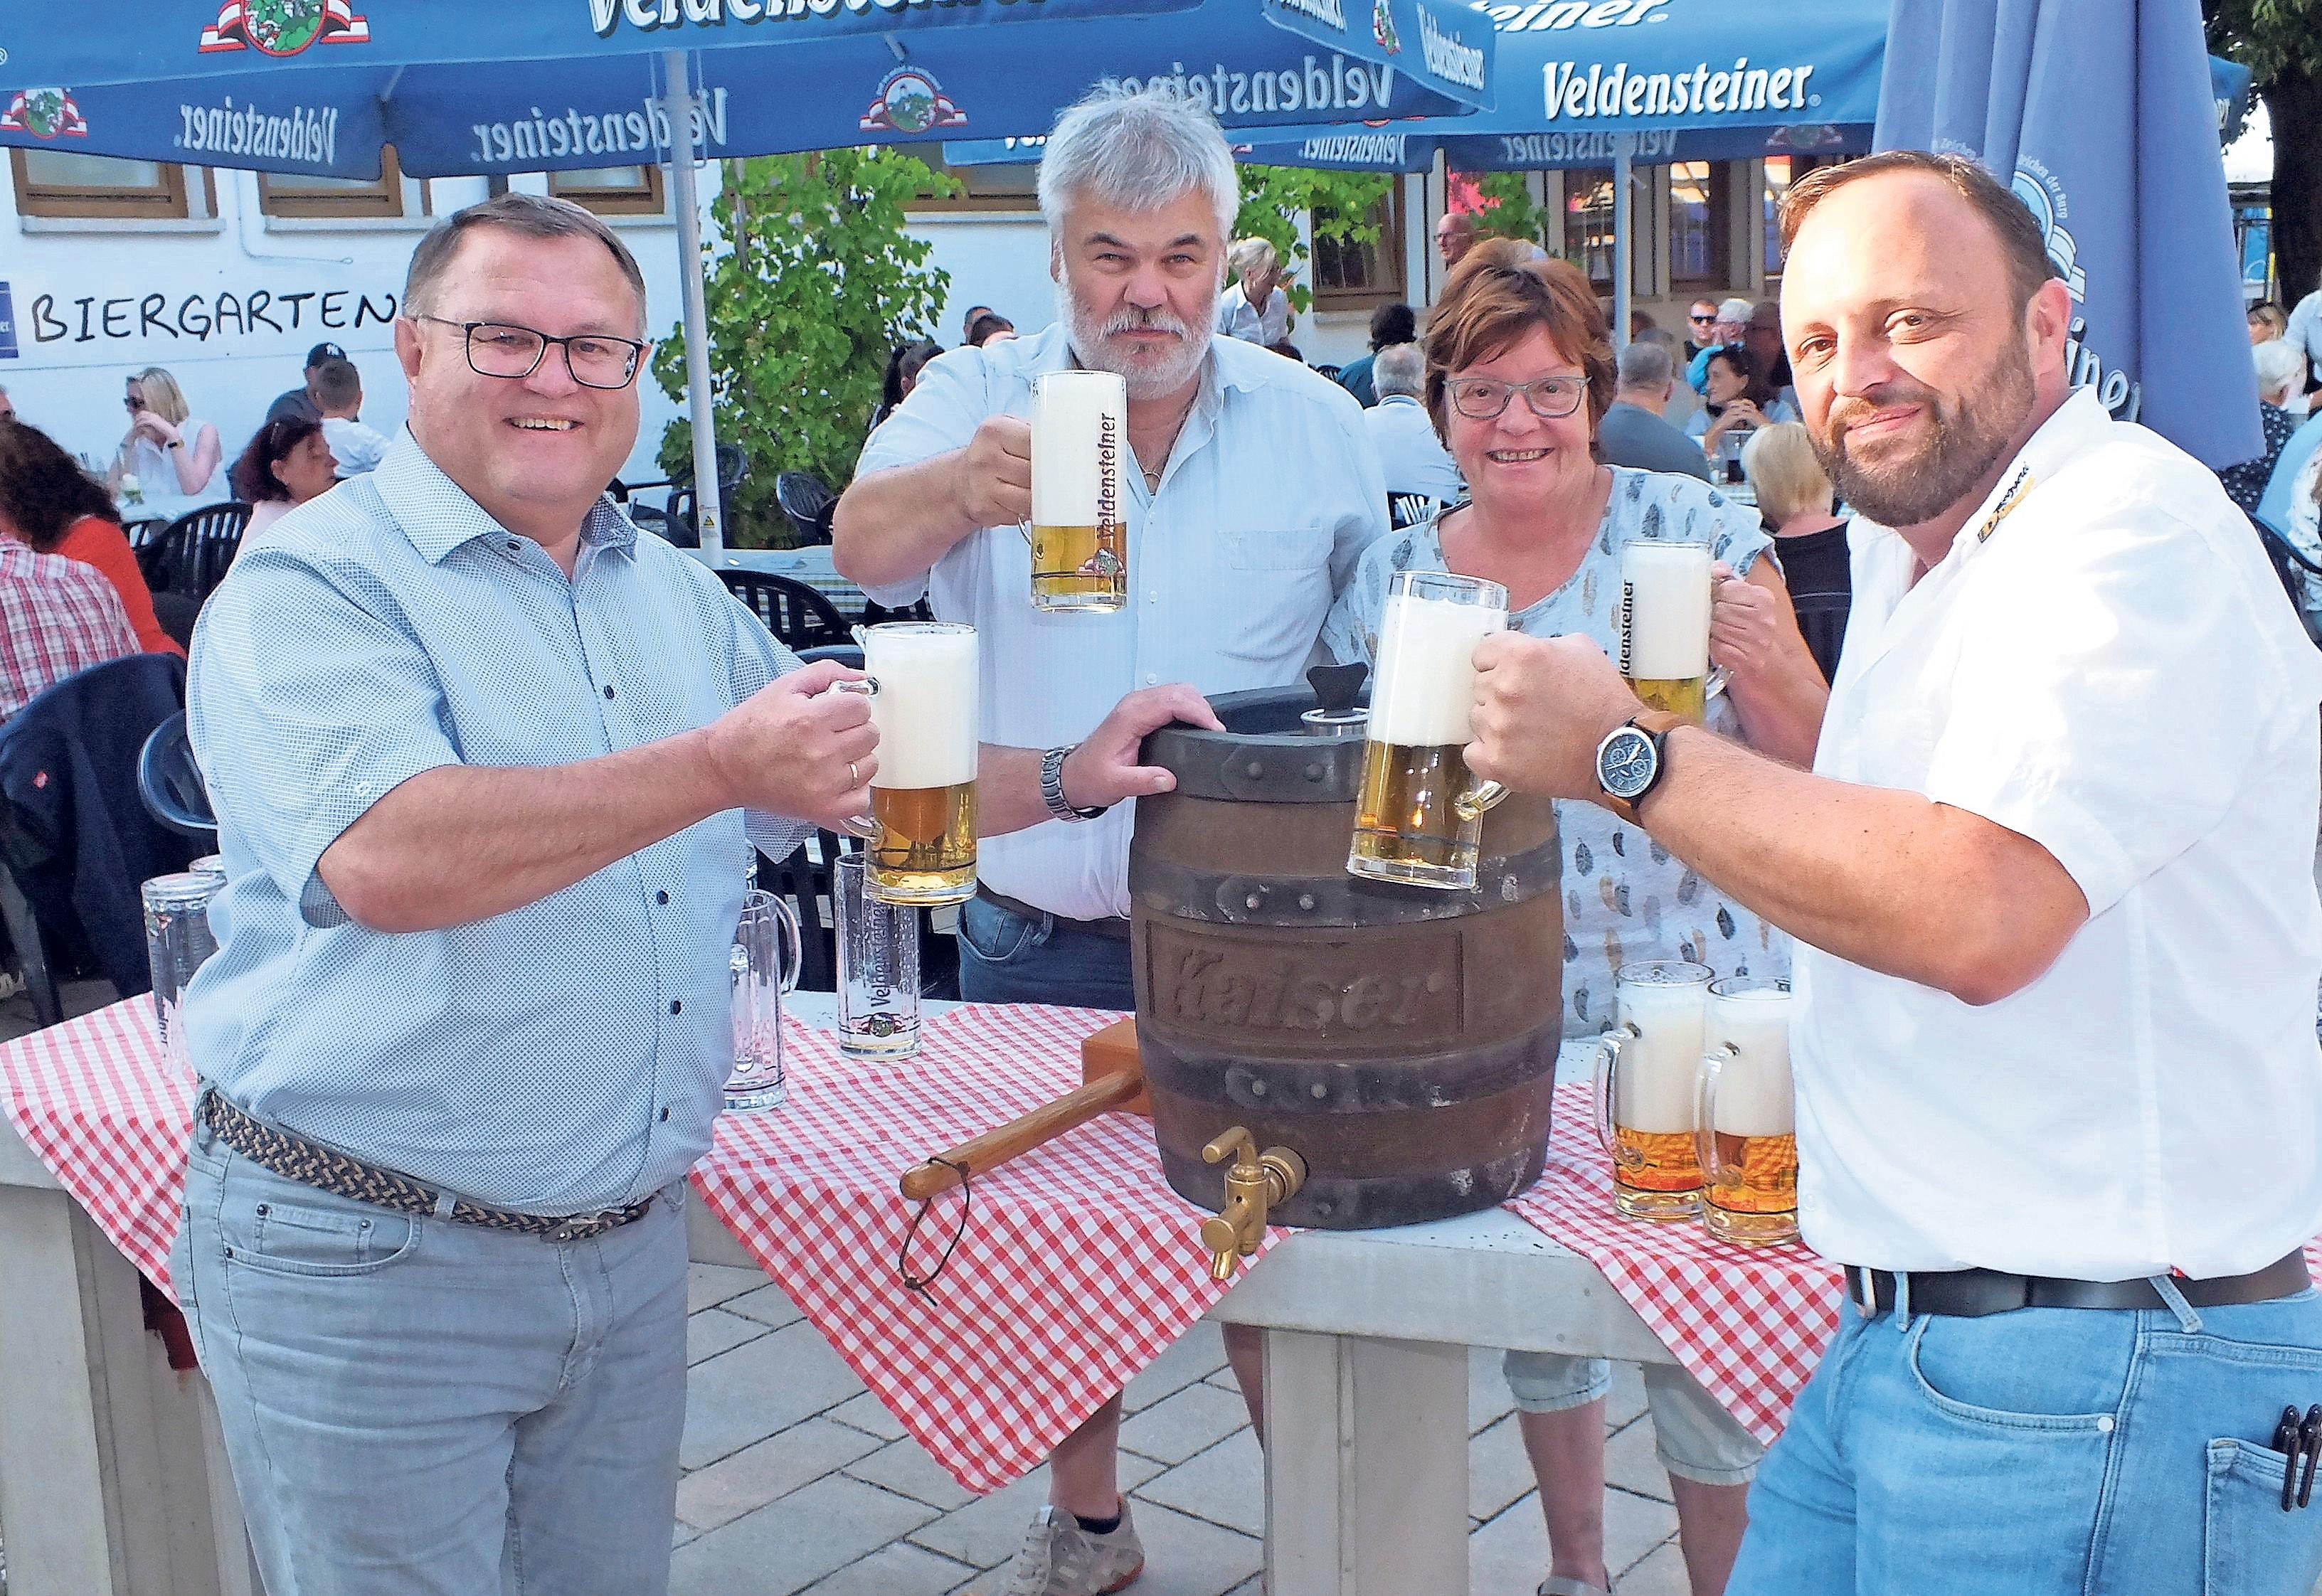 Seit neun Jahren startet die Kerwa der Steig-Gaststätte am Mittwoch um 18 Uhr mit dem Bieranstich durch Bürgermeister Gerald Kolb (links) und Steig-Chef Holger Dünkel (rechts). In der Mitte freuen sich auch Zweiter Bürgermeister Klaus-Dieter Jaunich und Senior-Chefin Doris Dünkel auf die Steig-Kerwa.